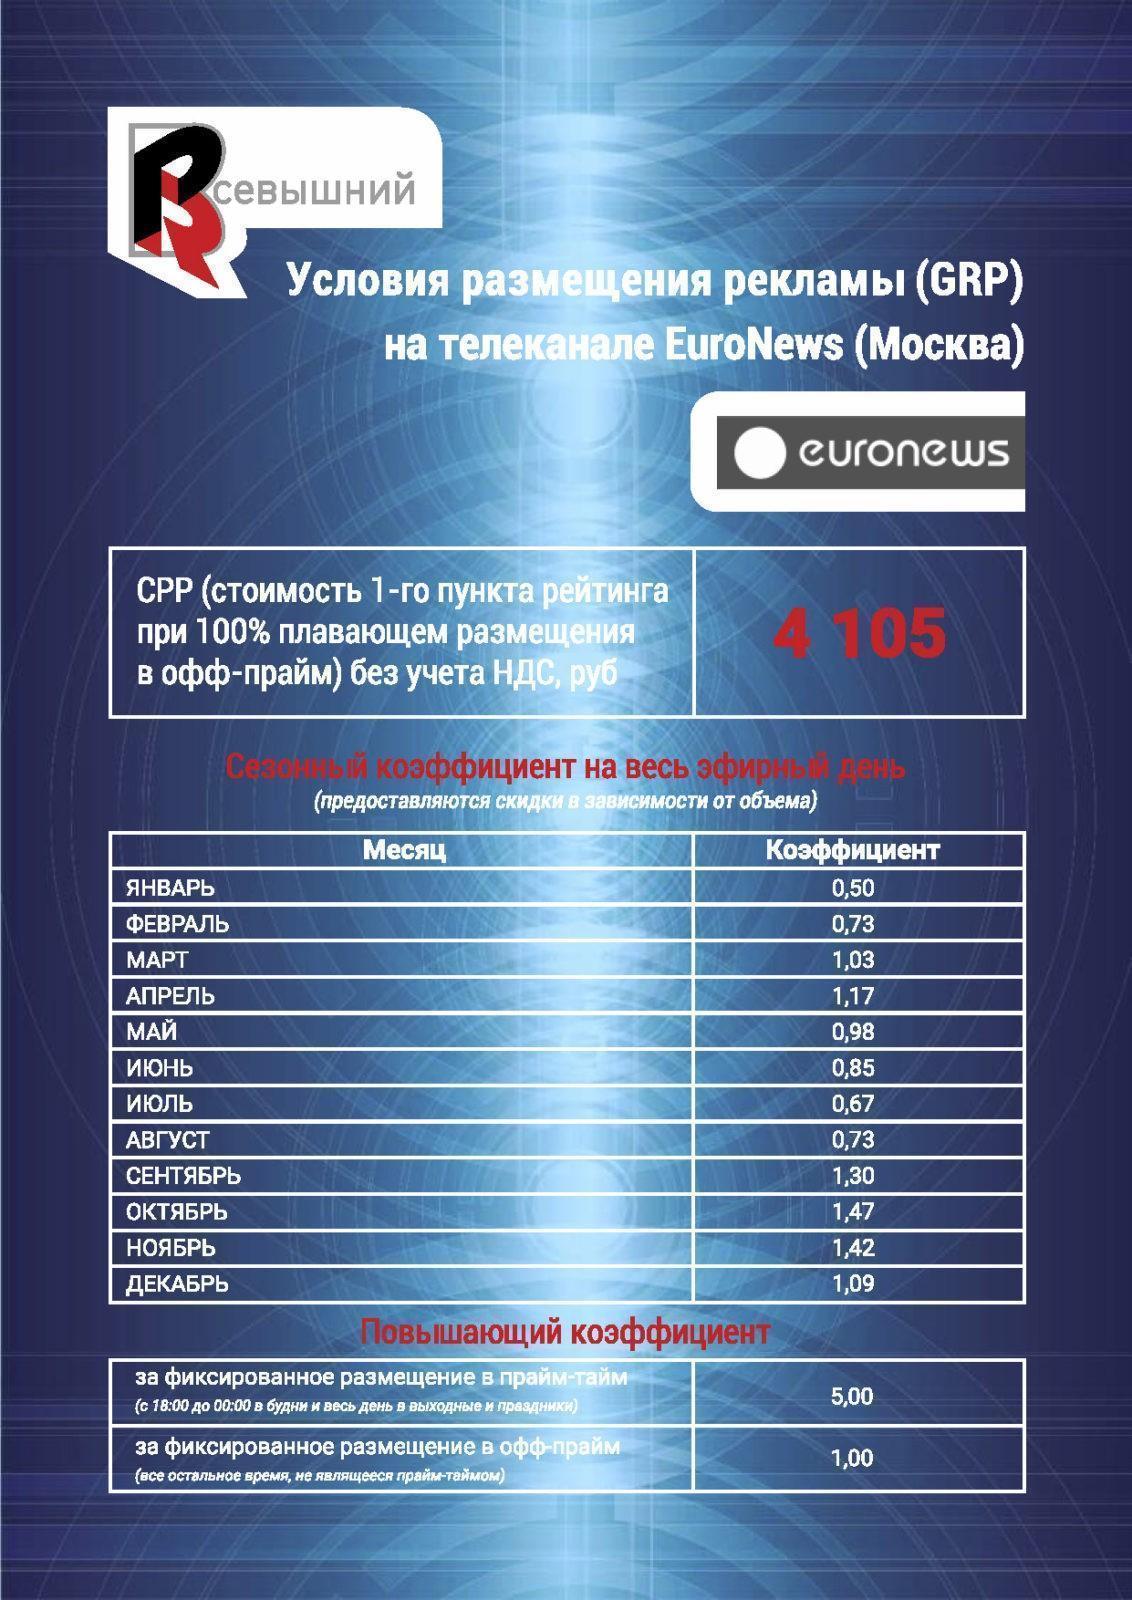 Реклама на телеканале Euronews